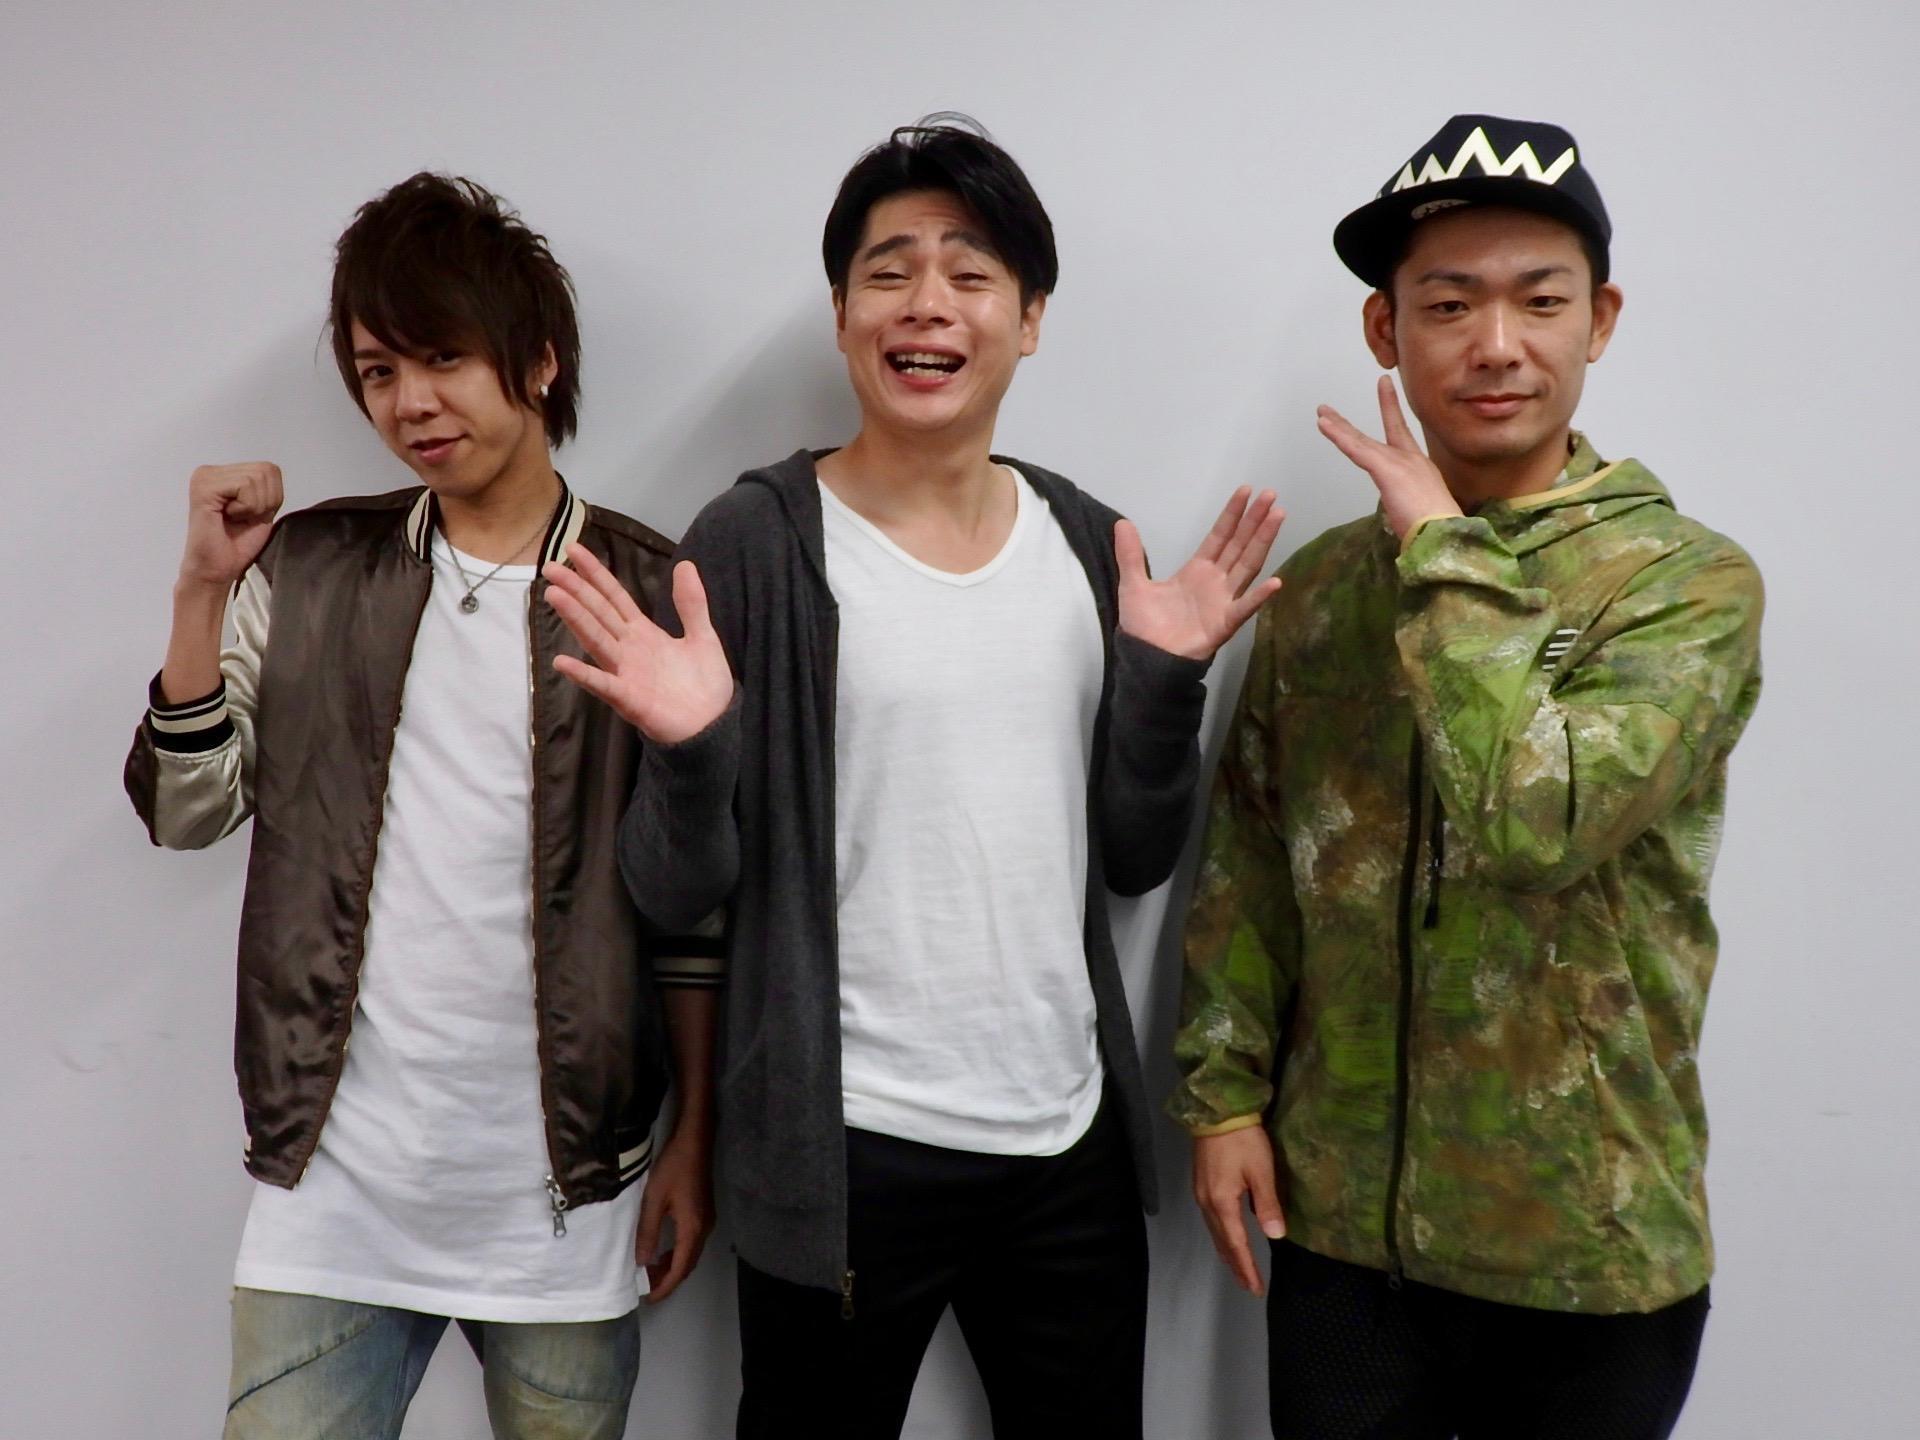 http://news.yoshimoto.co.jp/20181010070949-42cde240088c2e8c5fc5293bf8482be8d316e21f.jpg